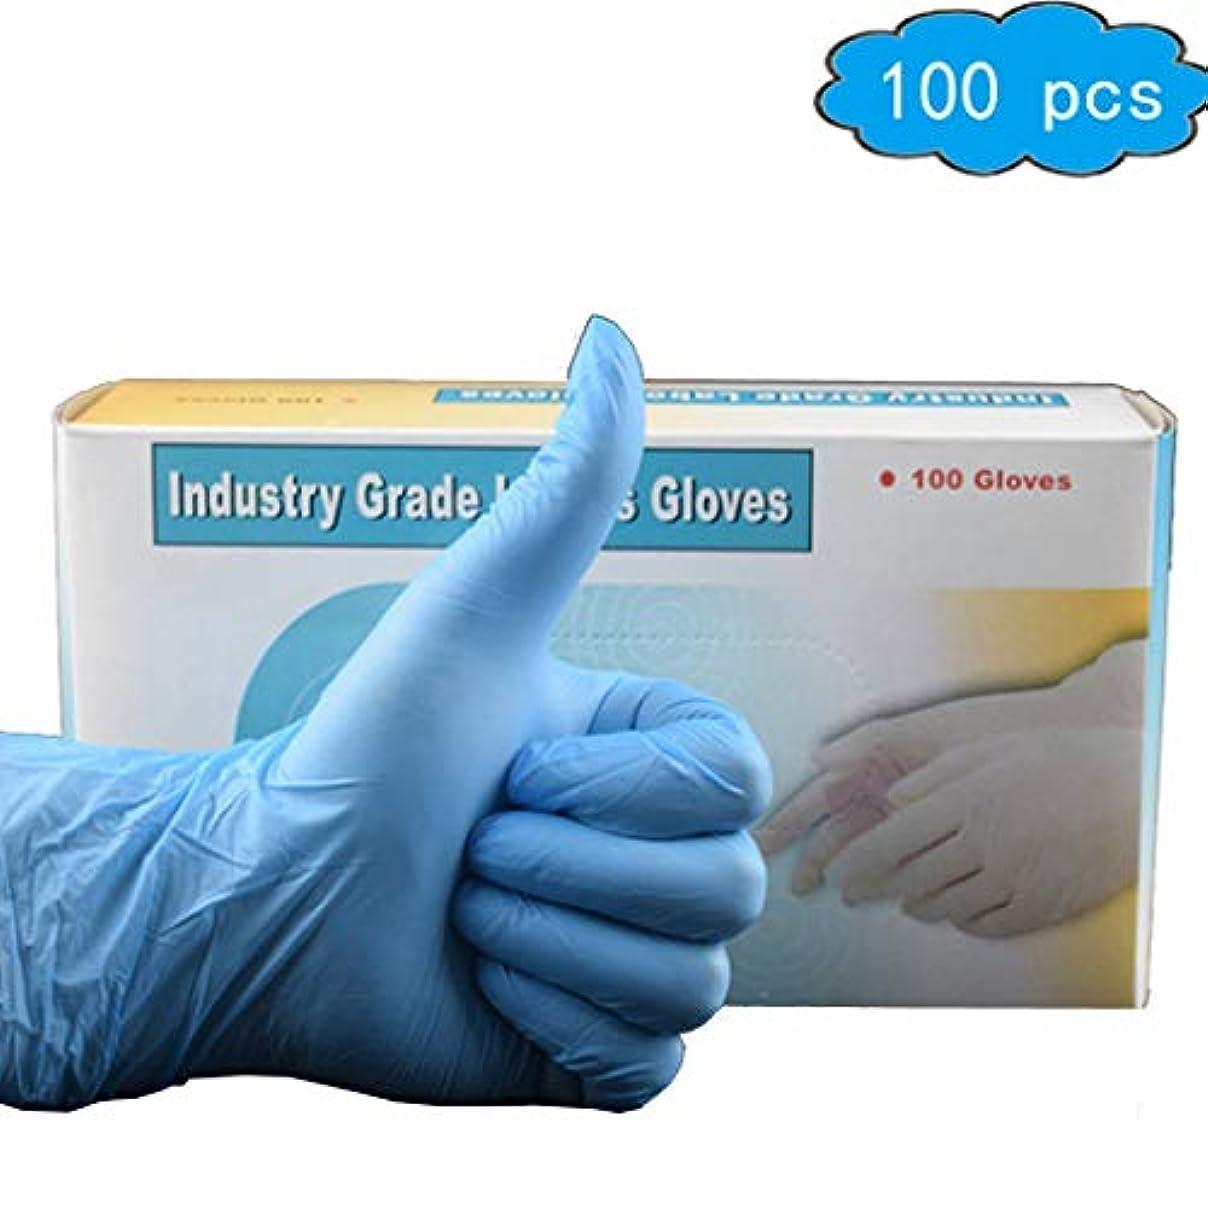 のぞき見蒸発する従順な使い捨て手袋、子供用使い捨て手袋、子供用ニトリル手袋 - 粉末なし、ラテックスなし、無臭、食品等級、アレルギー、質感のある指 - 100PCSブルー (Color : Blue, Size : L)